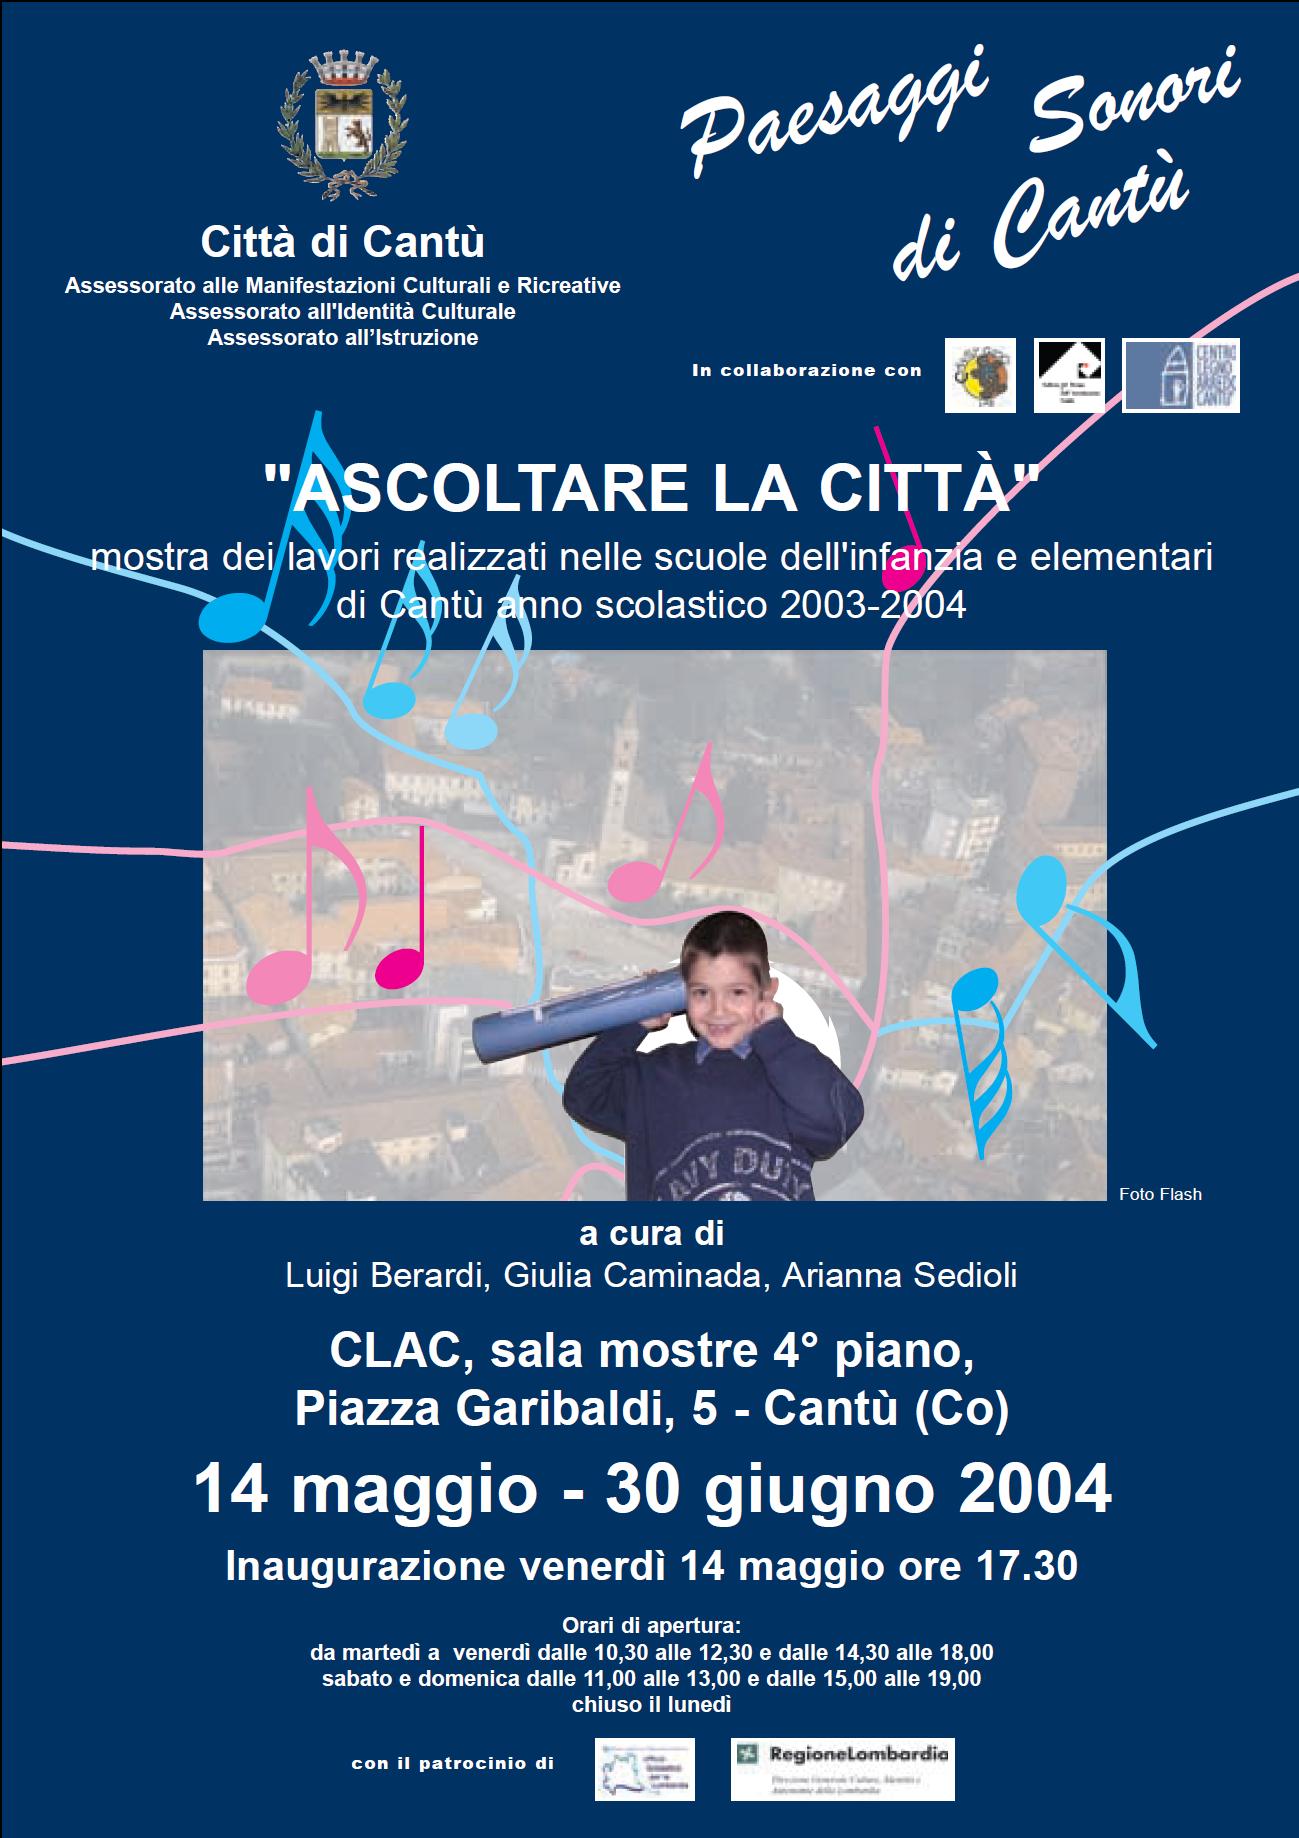 Giulia-Caminada-Paesaggi-sonori-Cantù-2004-volantino